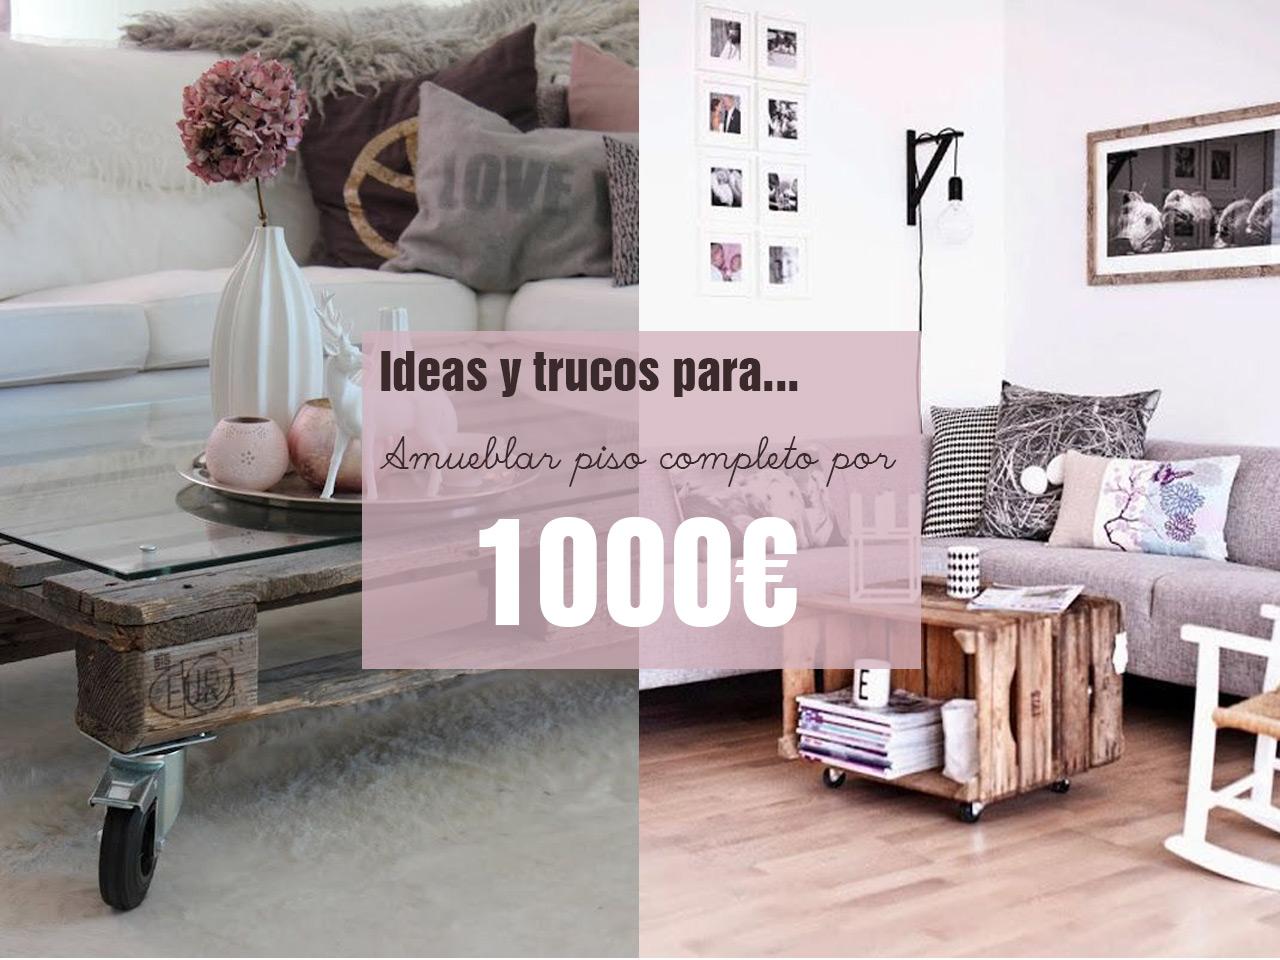 Amueblar piso completo por 1000 euros es posible - Ofertas para amueblar piso completo ...